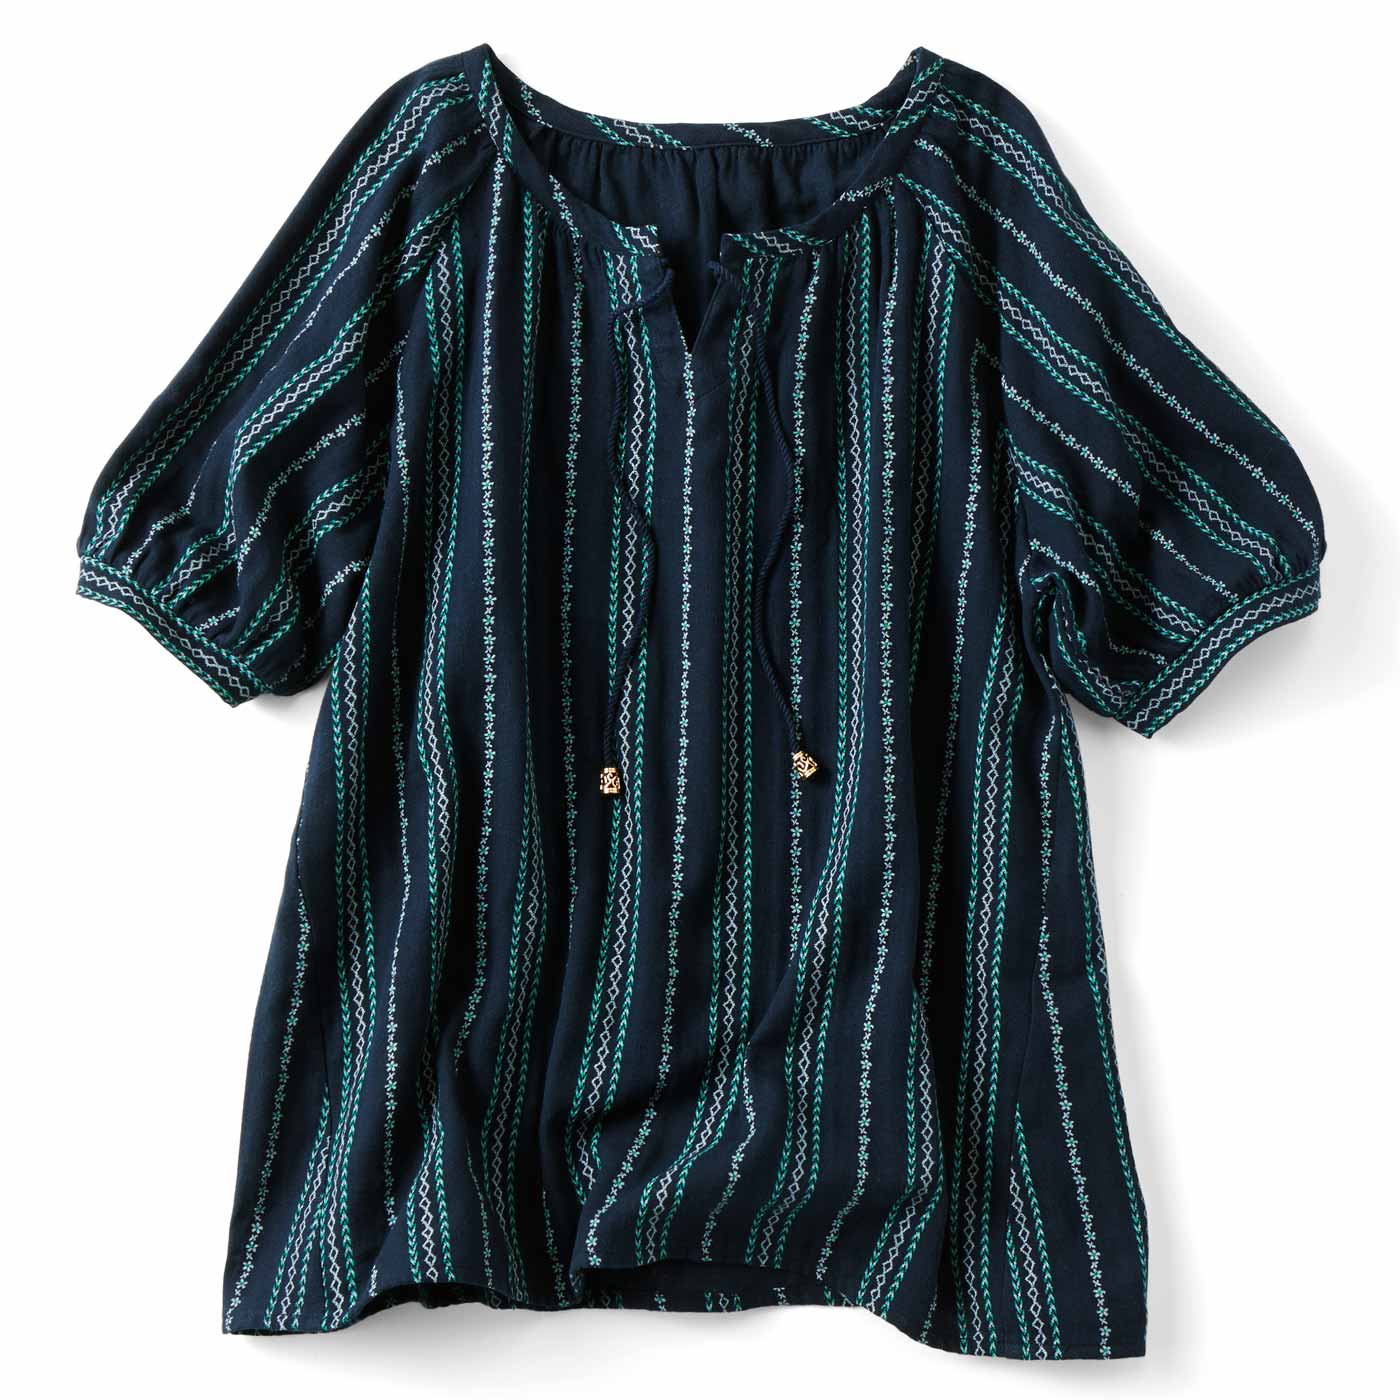 フェリシモ リブ イン コンフォート ダブルガーゼが心地いい 刺繍みたいなプリントプルオーバー〈ネイビー〉